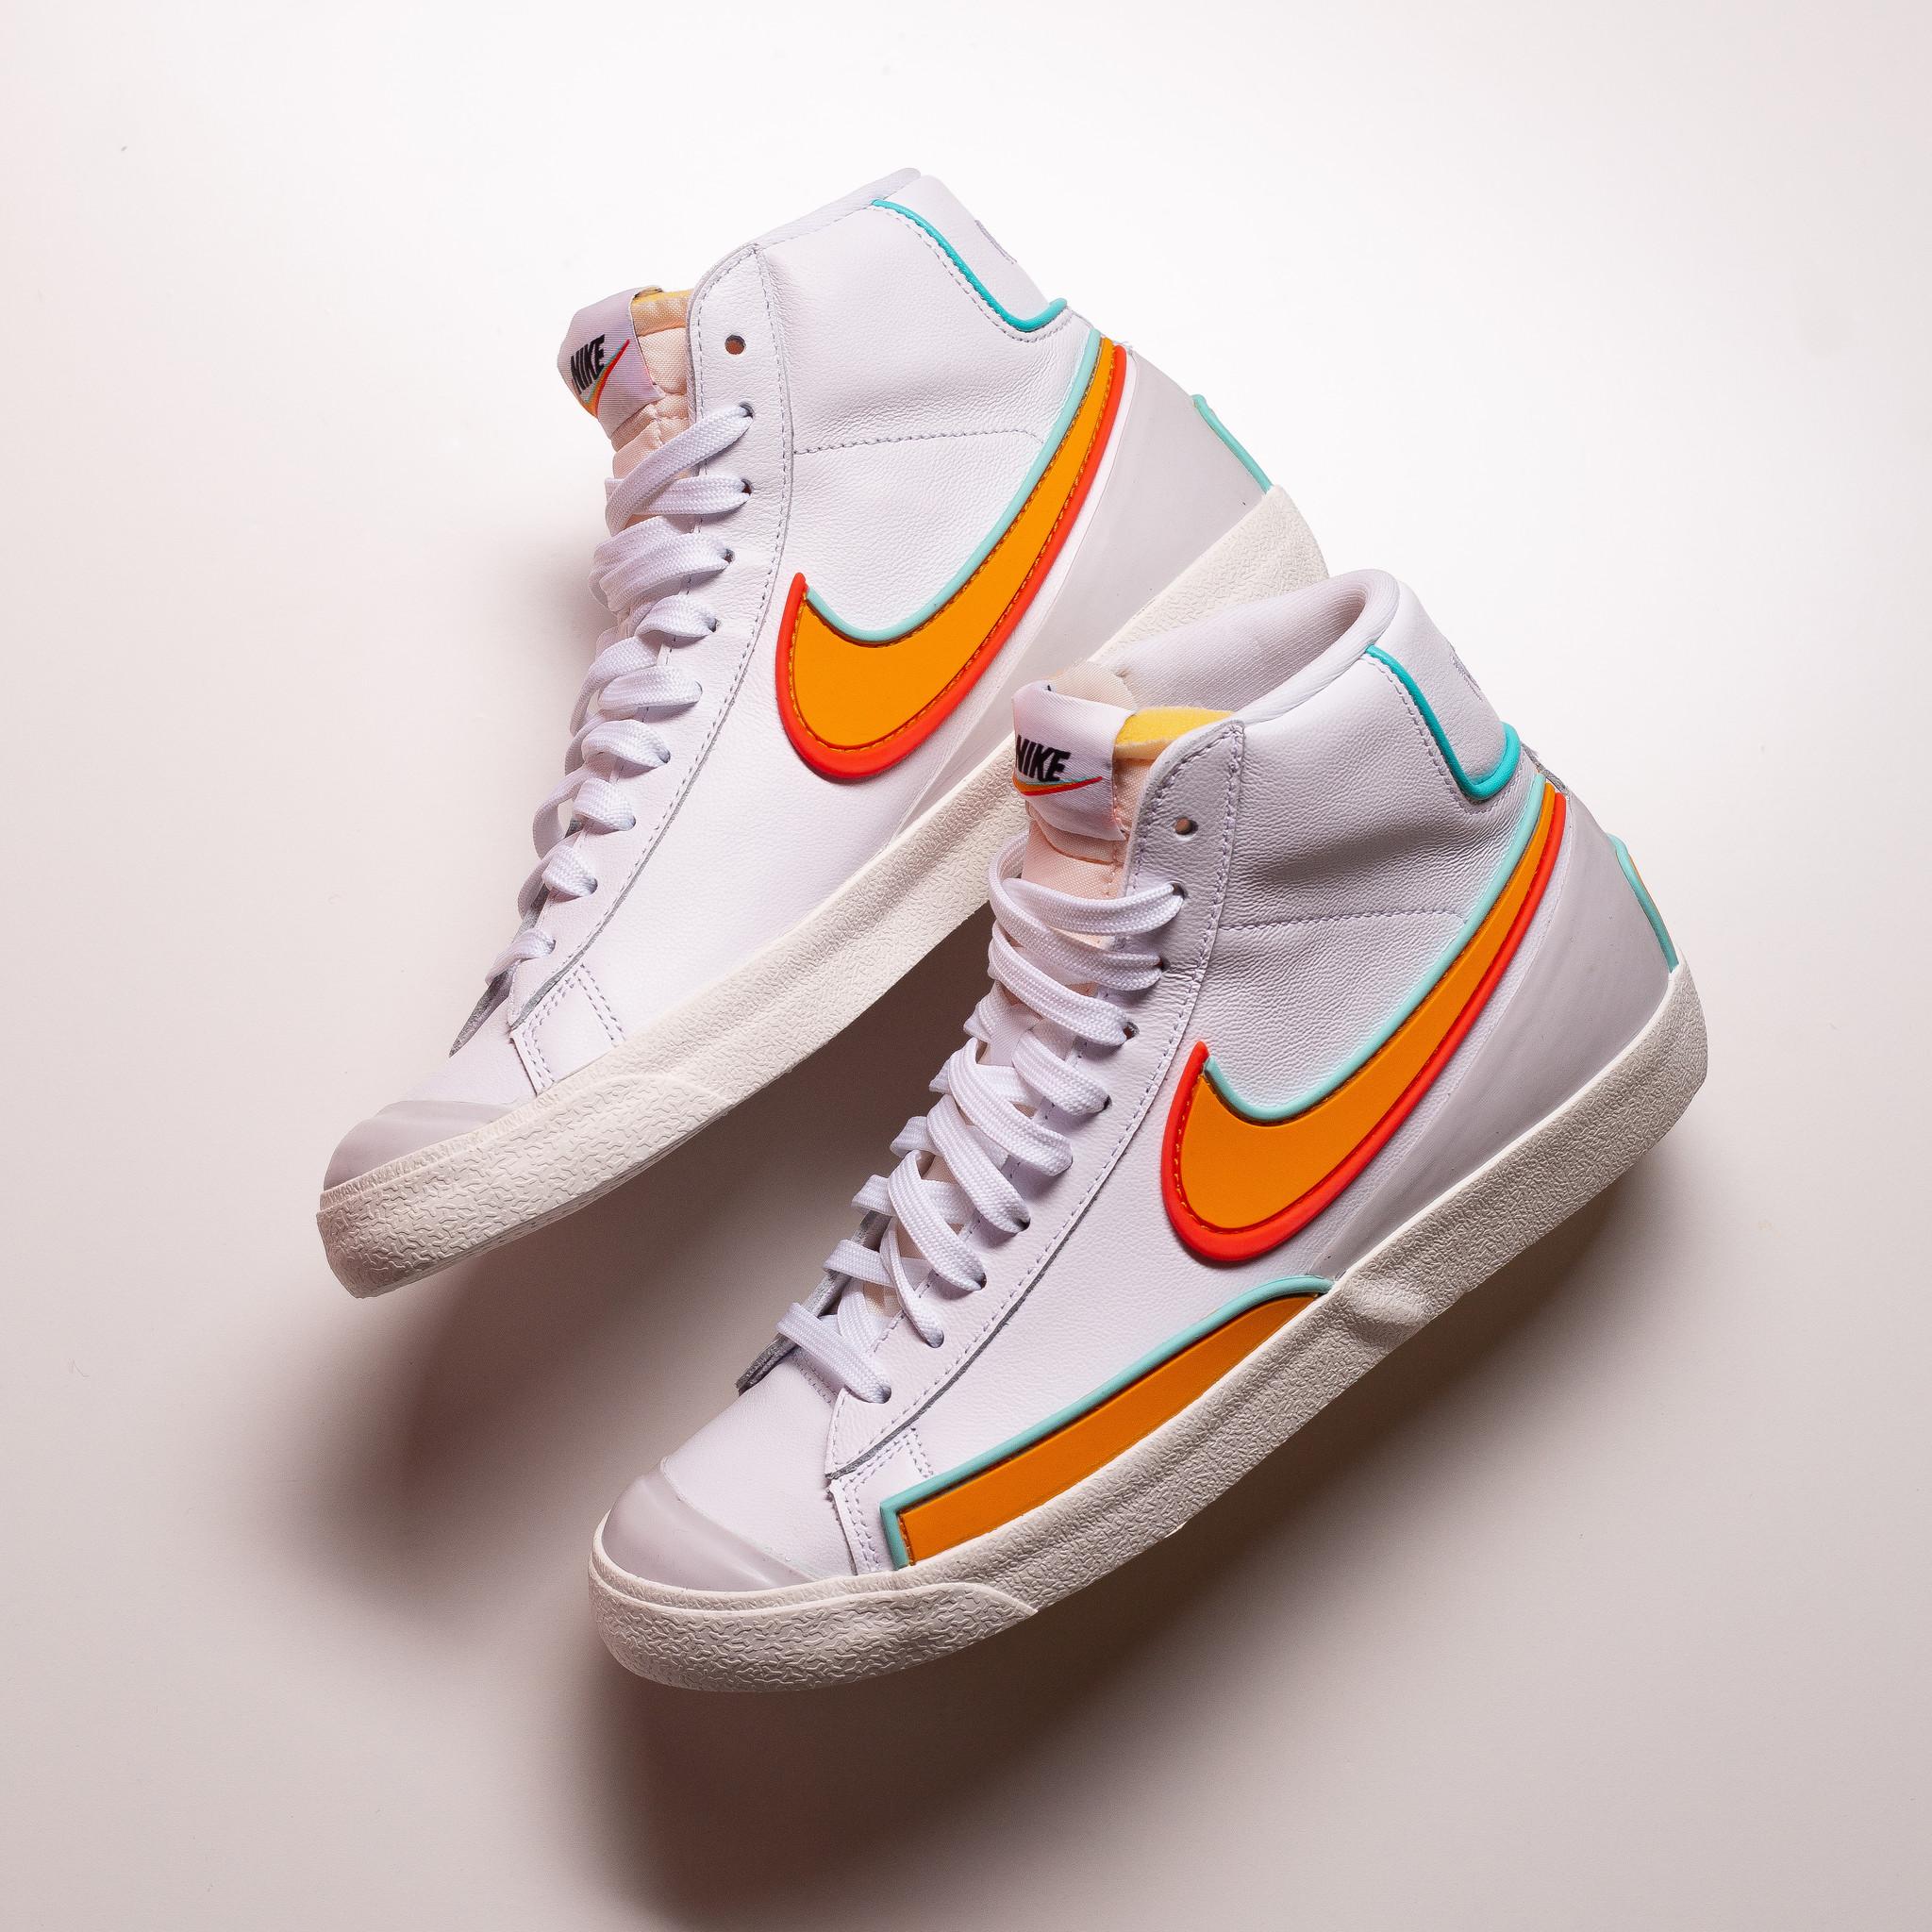 Nike Blazer Mid '77 Infinite White/Aurora Green